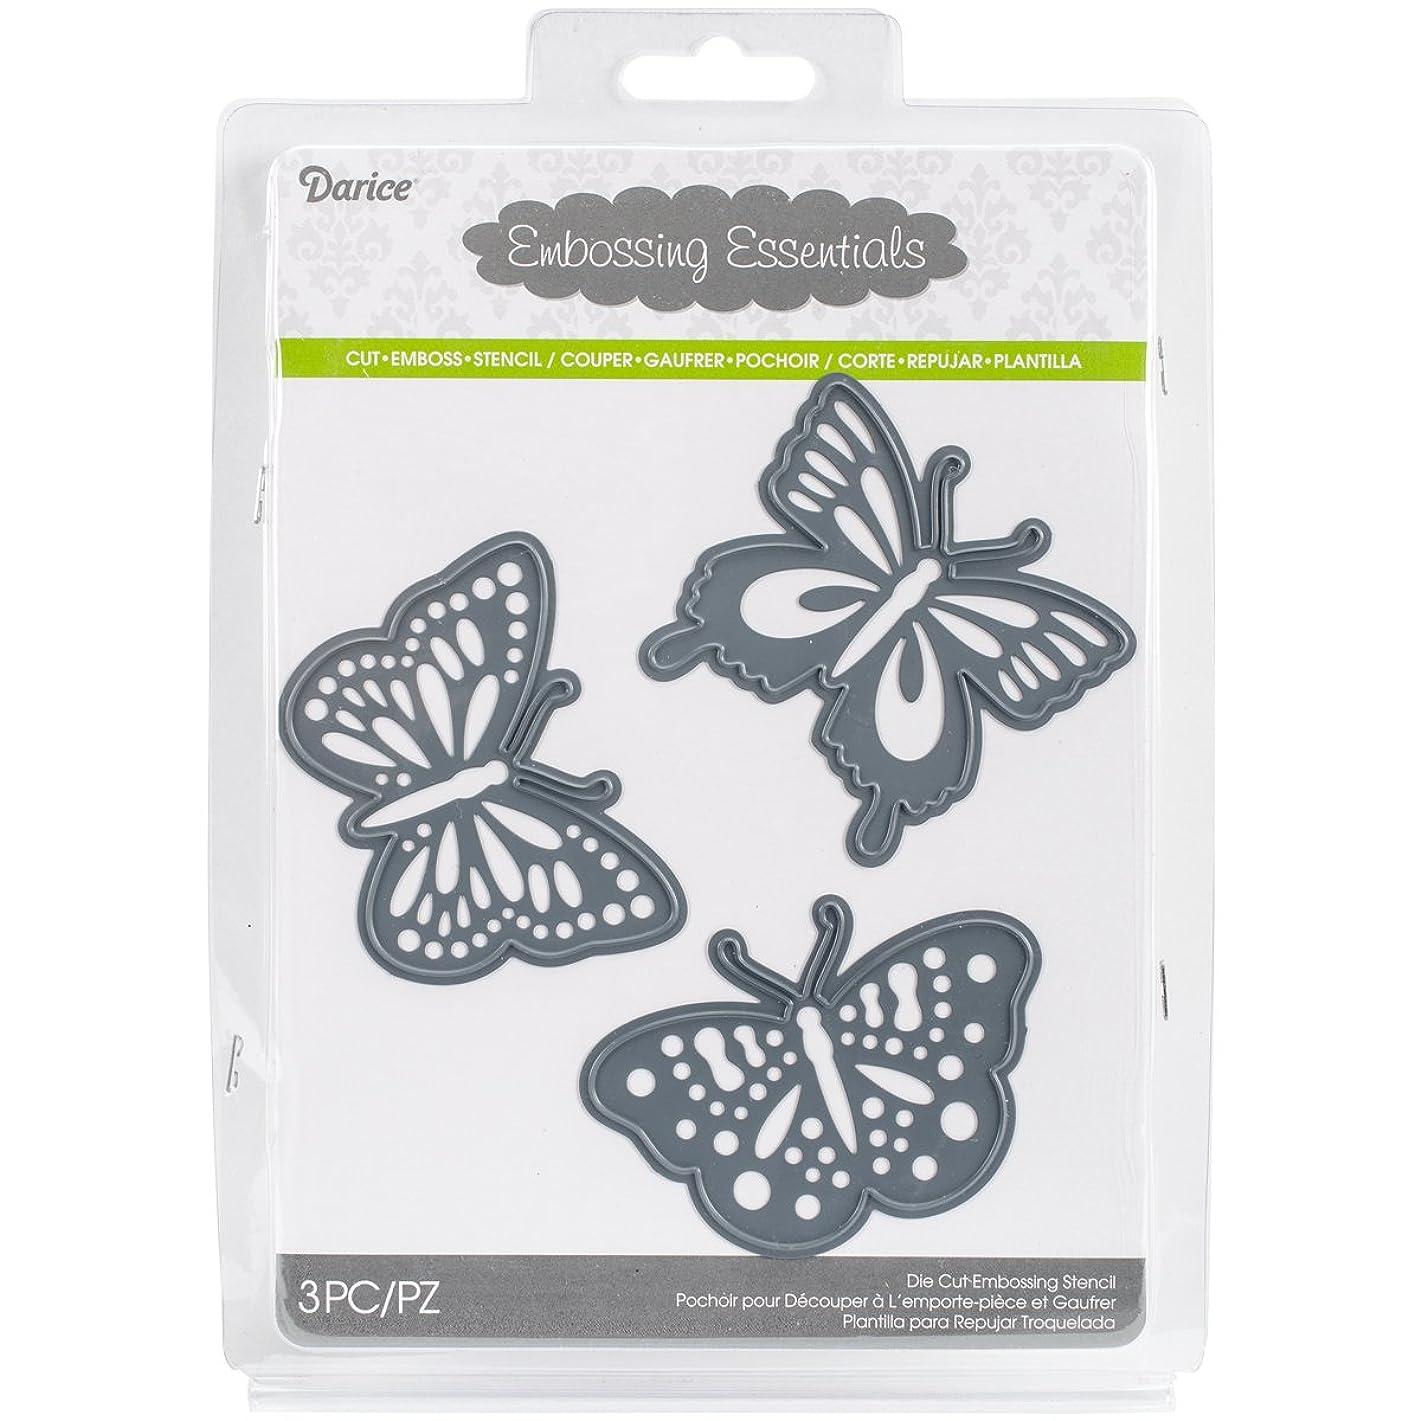 Darice 2014-104 Embossing Essentials Dies-Butterflies